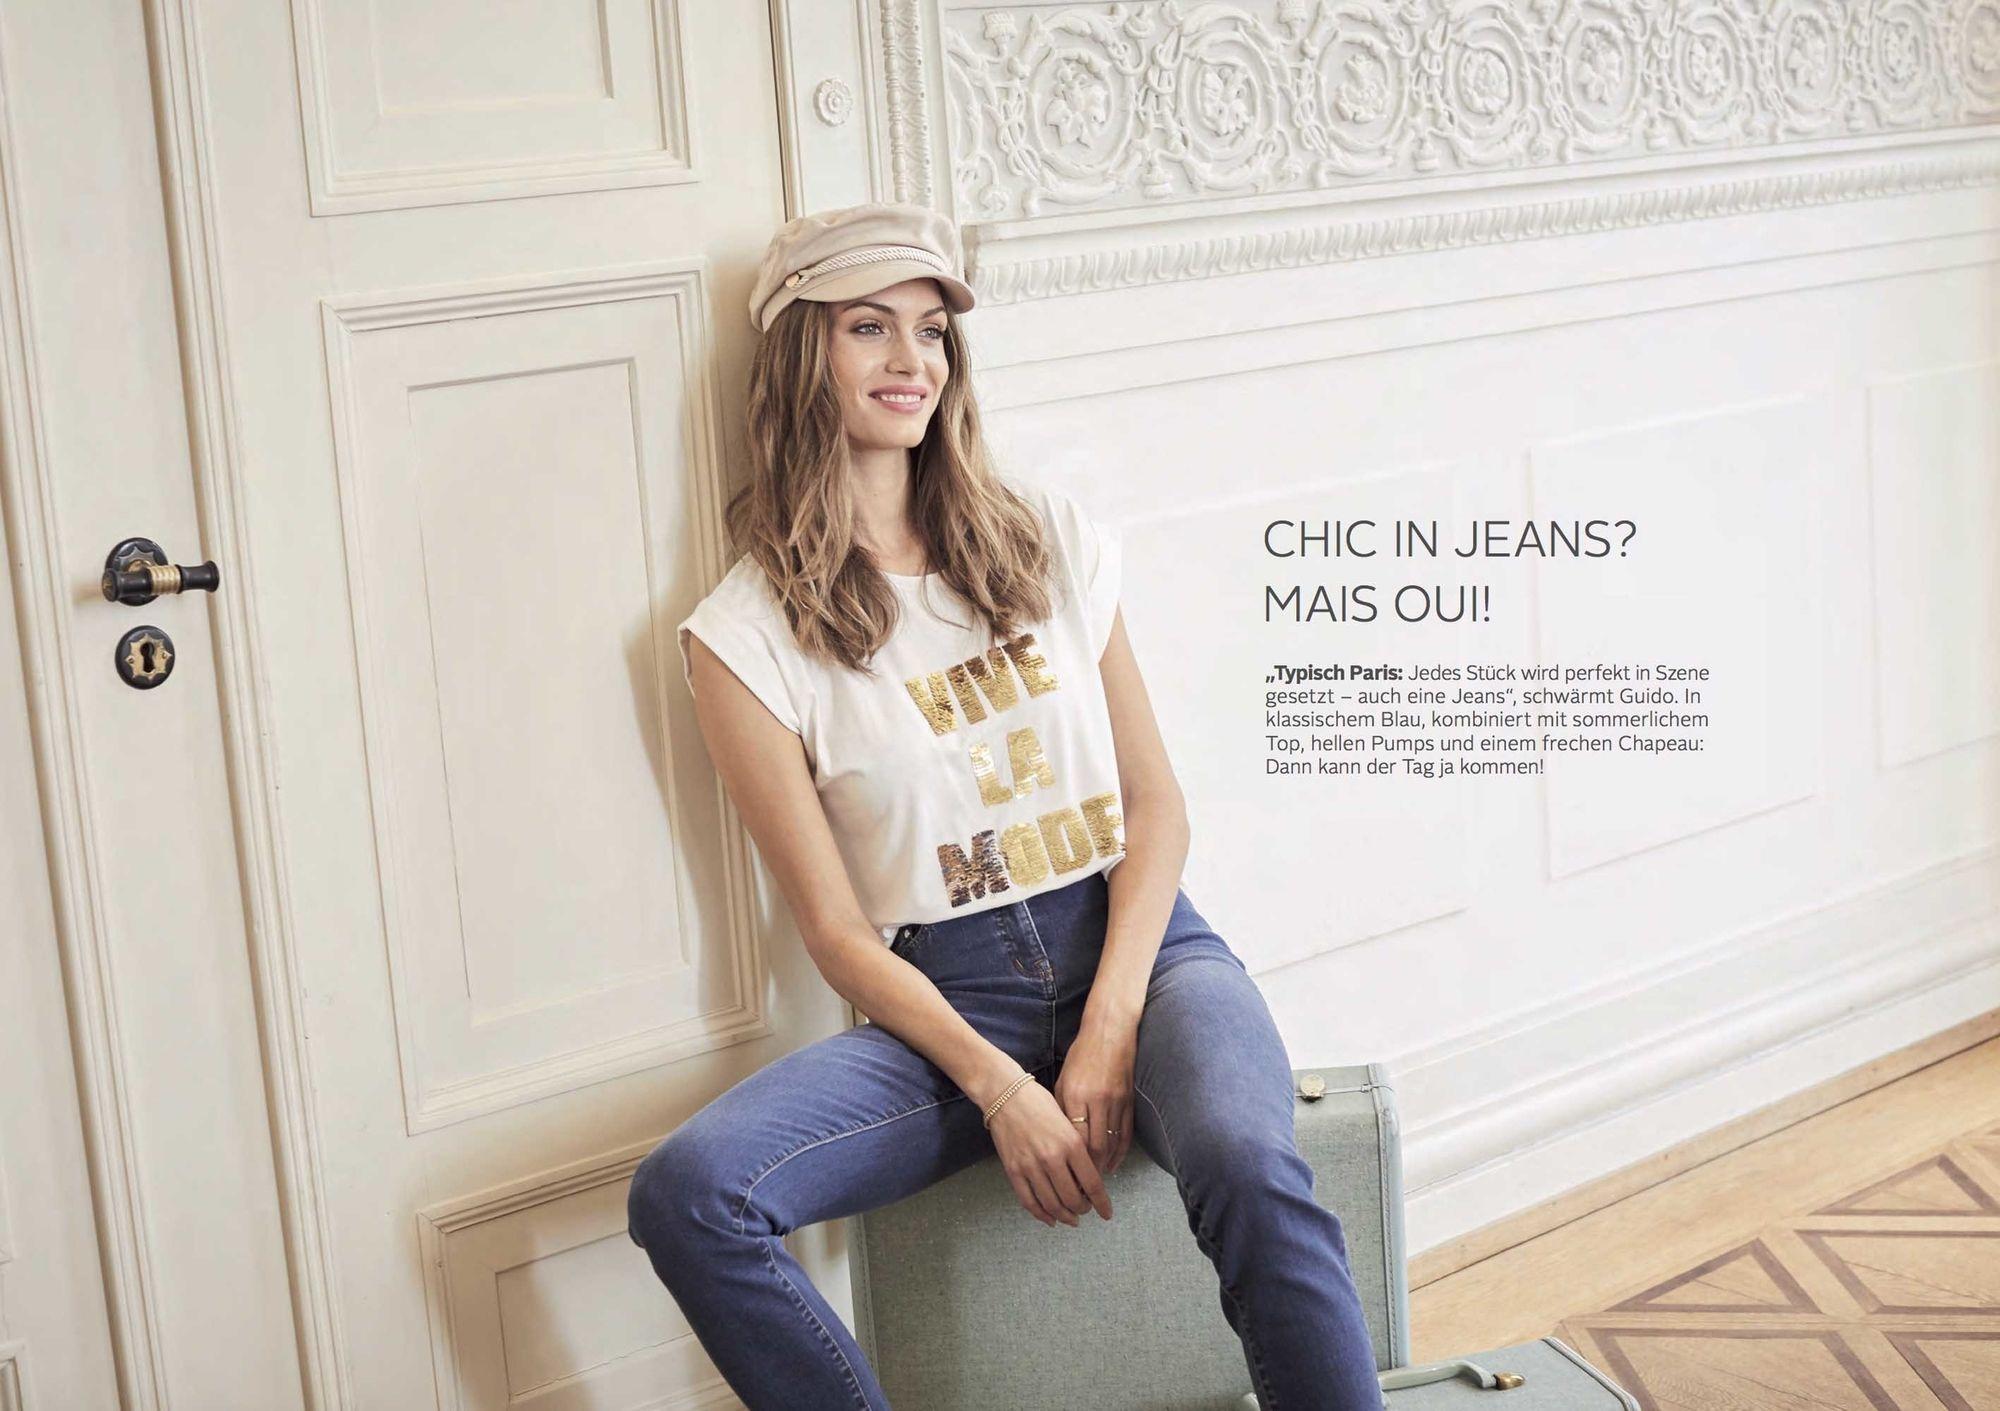 Herren Jeans | Männer Jeans stylen und kombinieren GMK